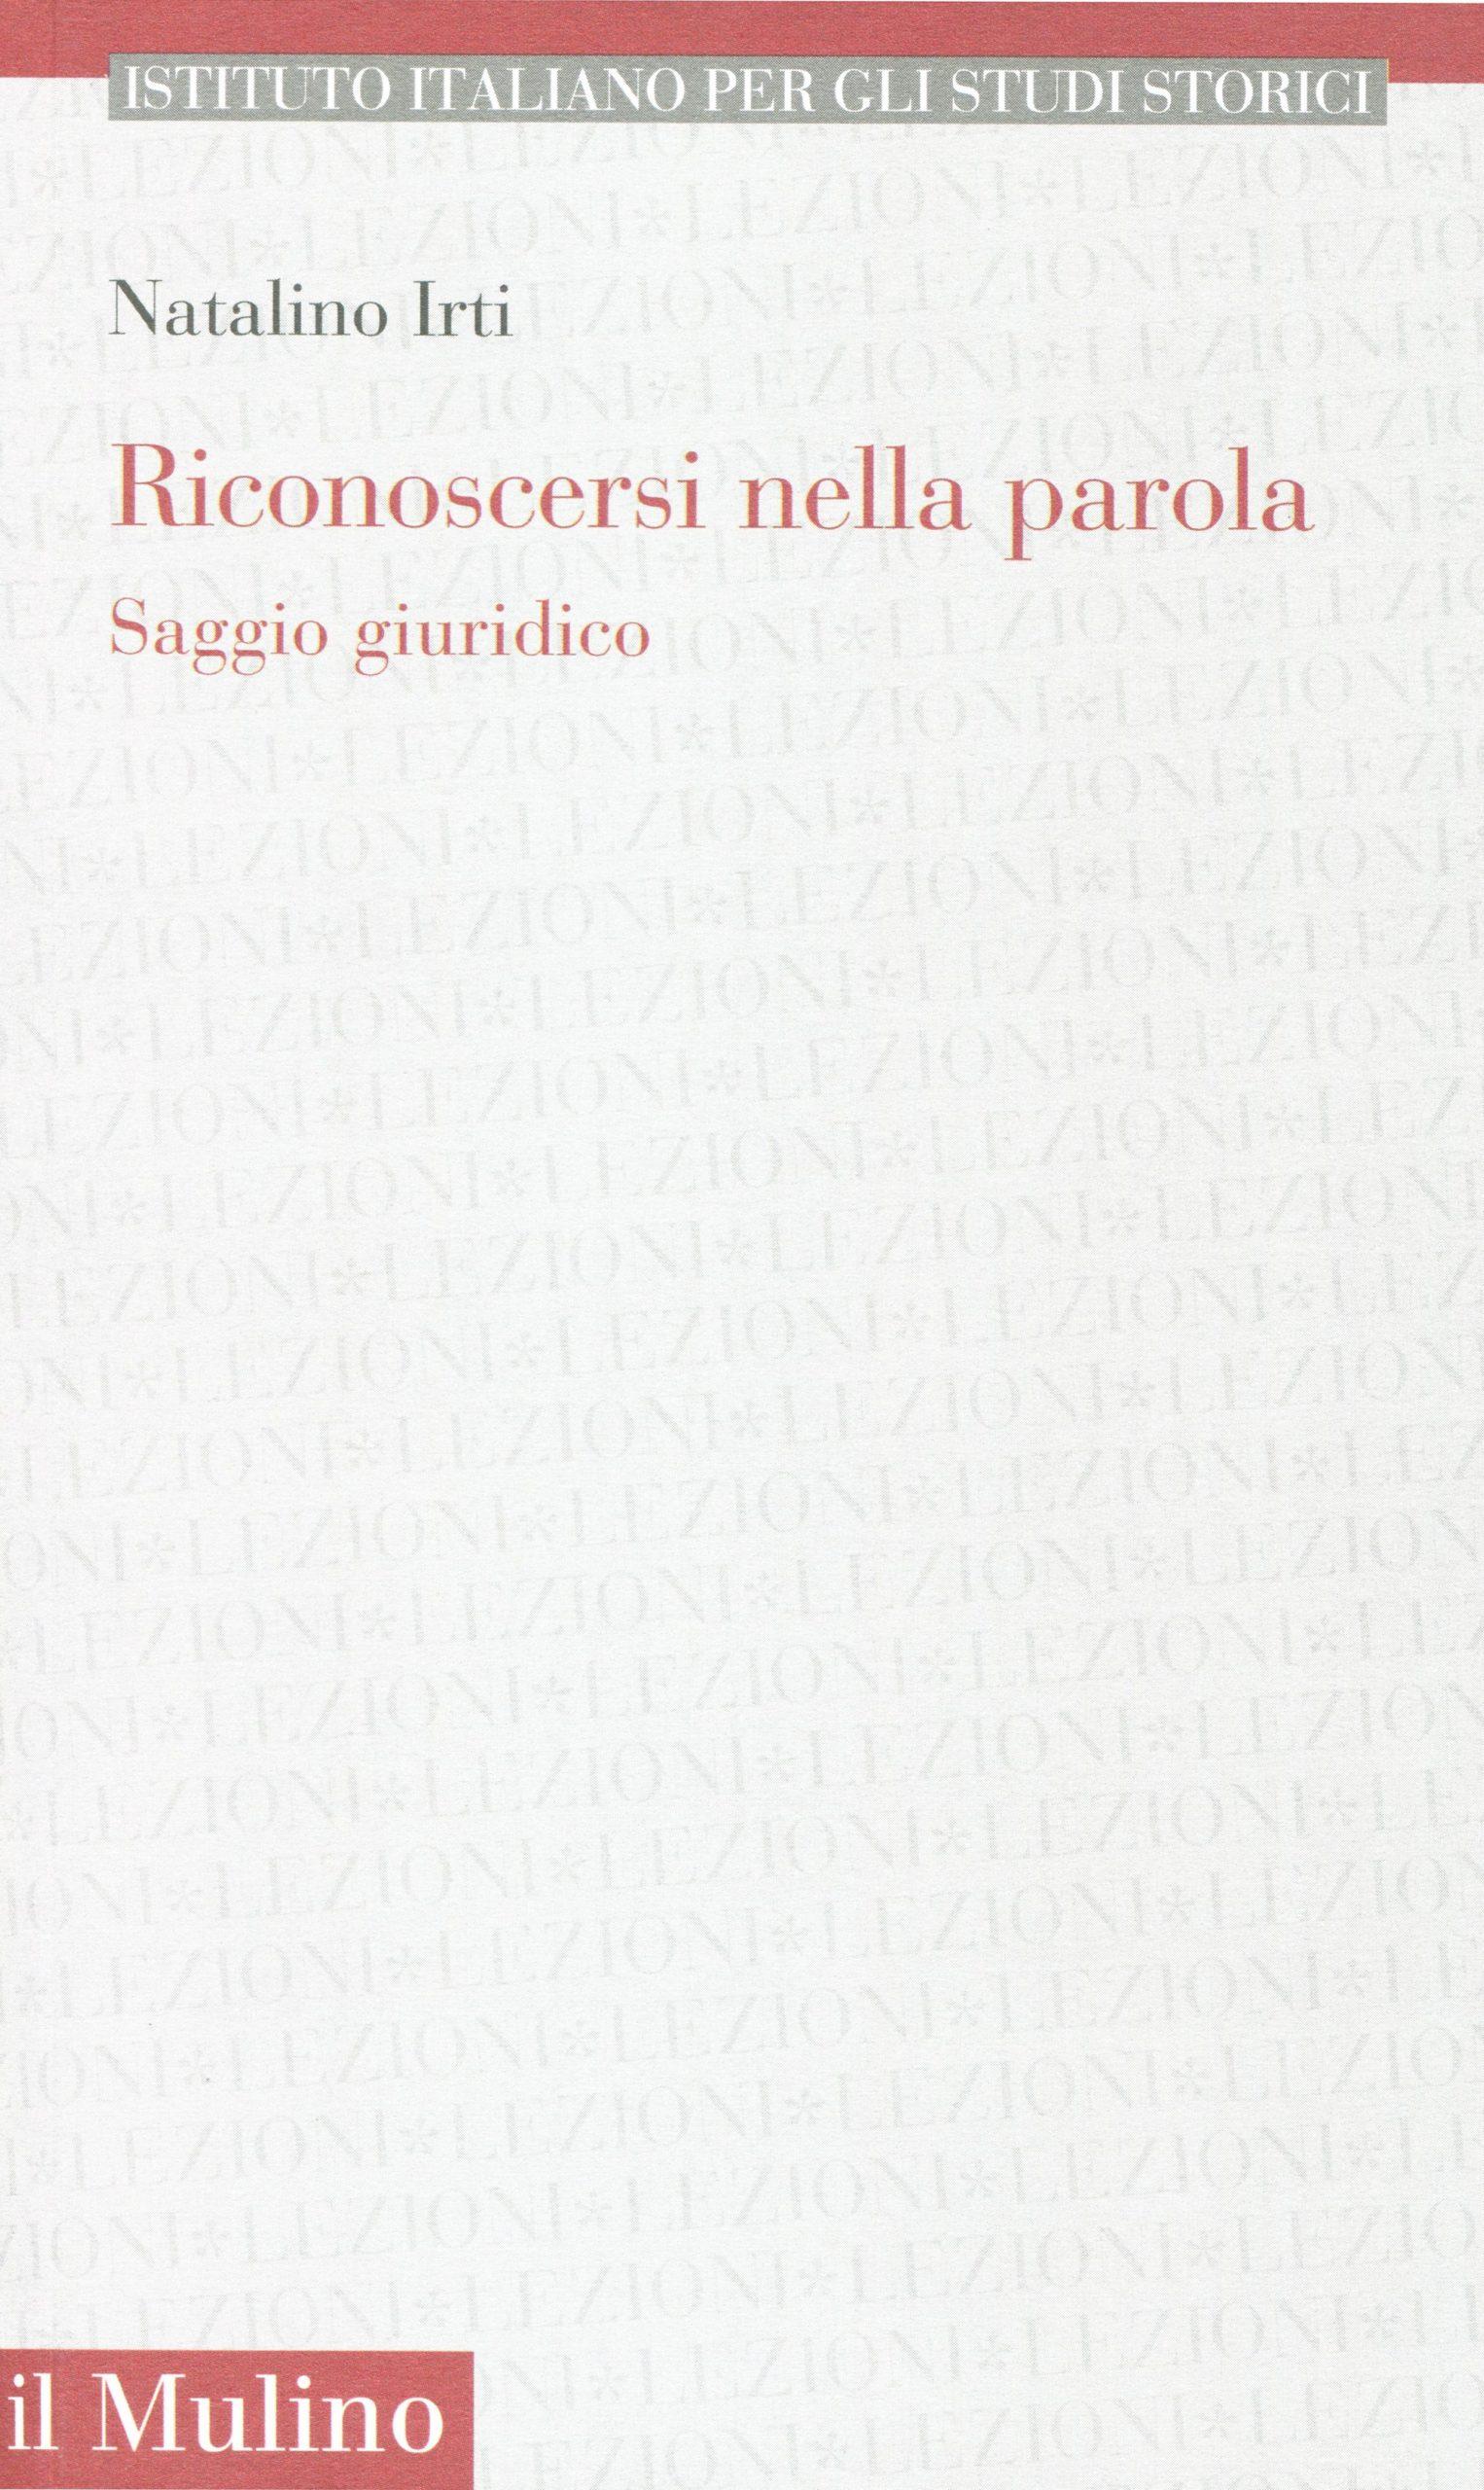 Un saggio giuridico di Natalino Irti